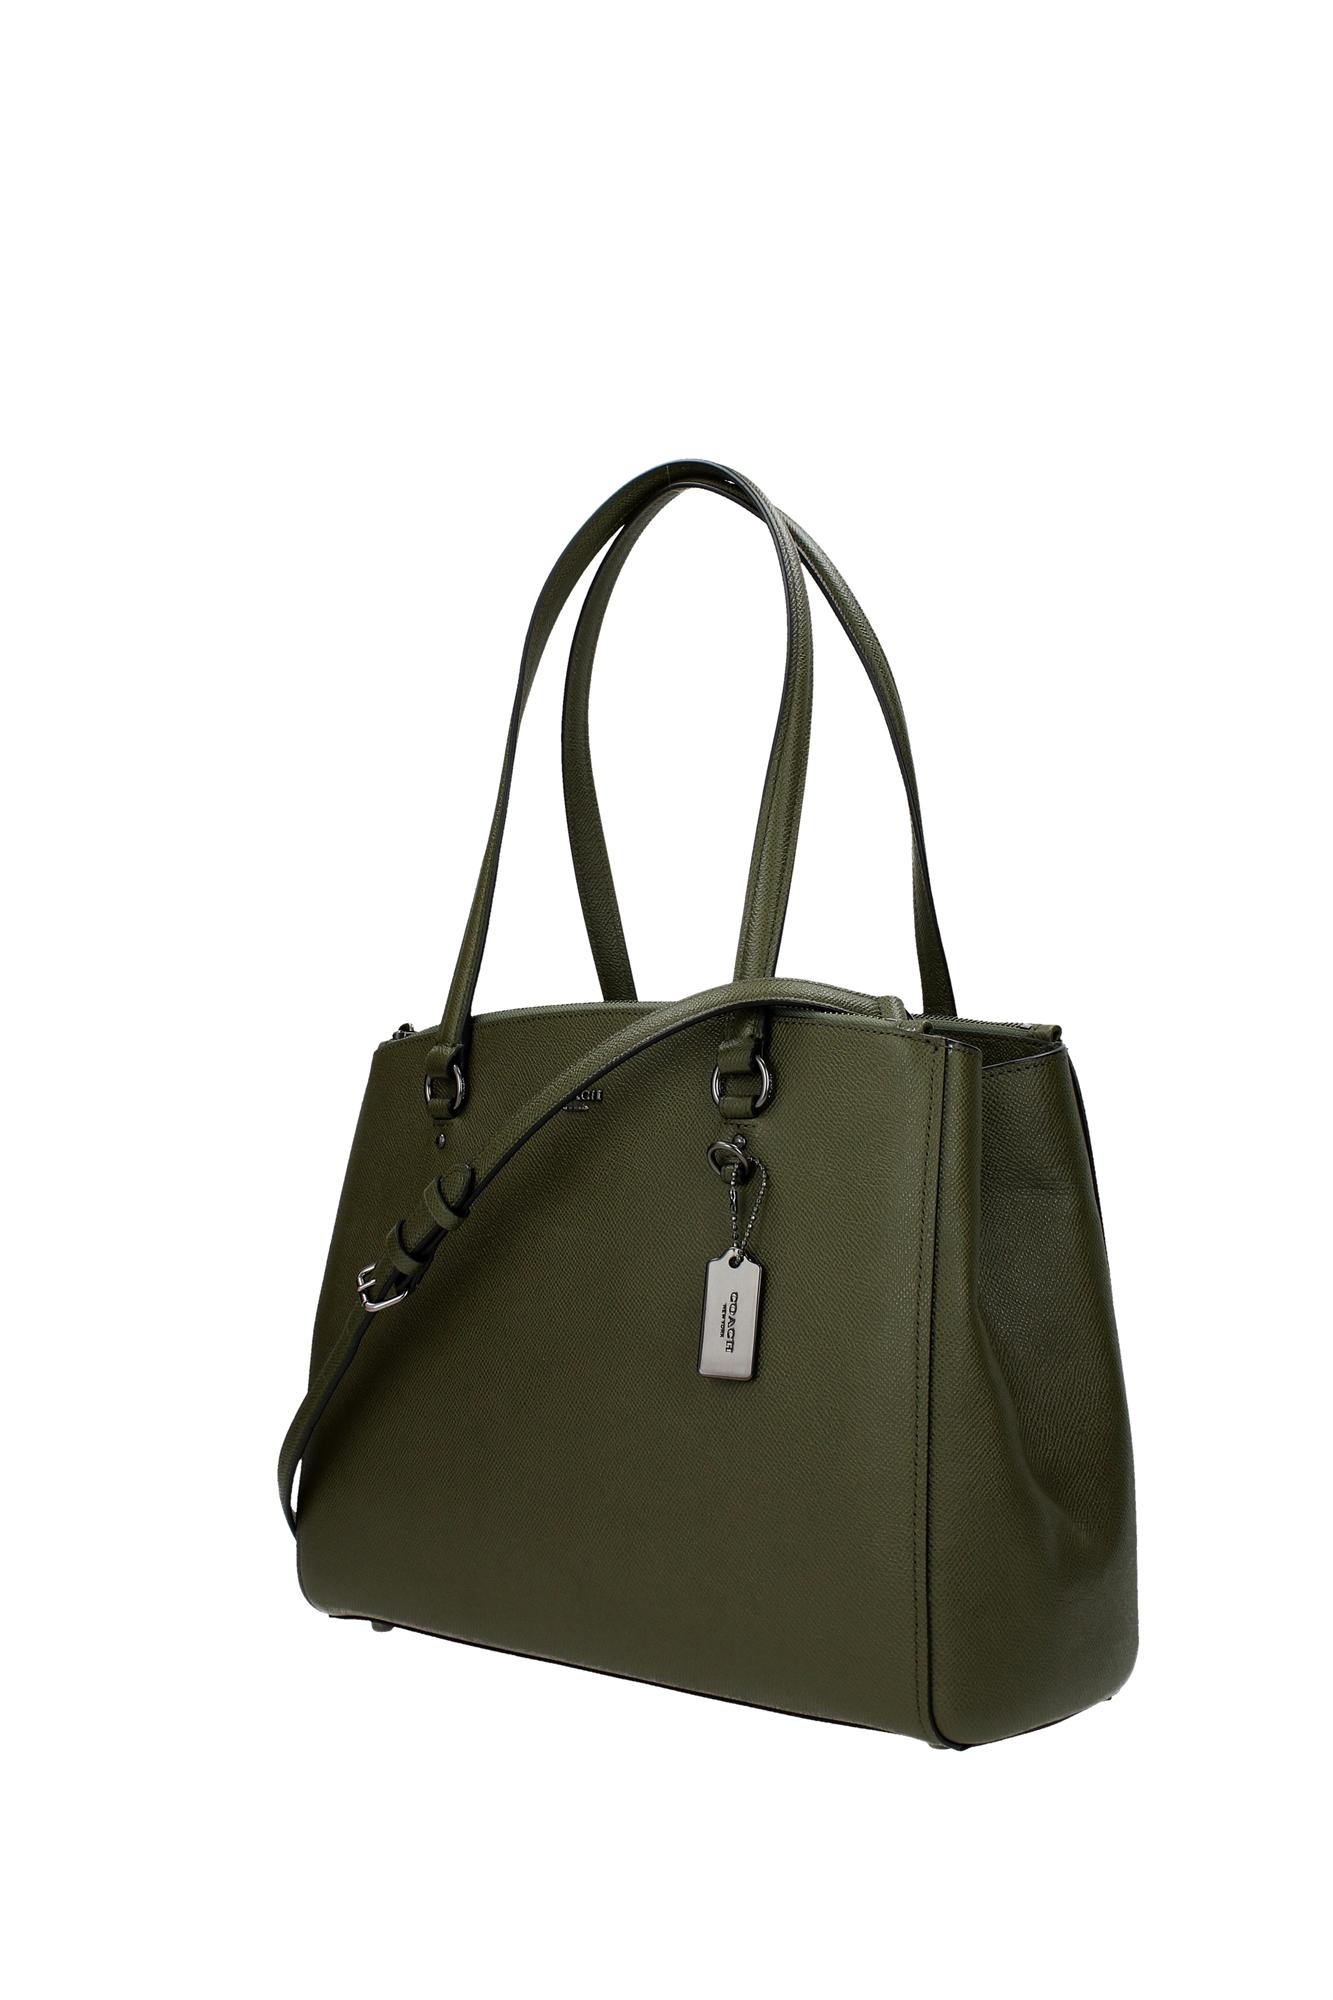 Women'S Shoulder Bags Ebay 63